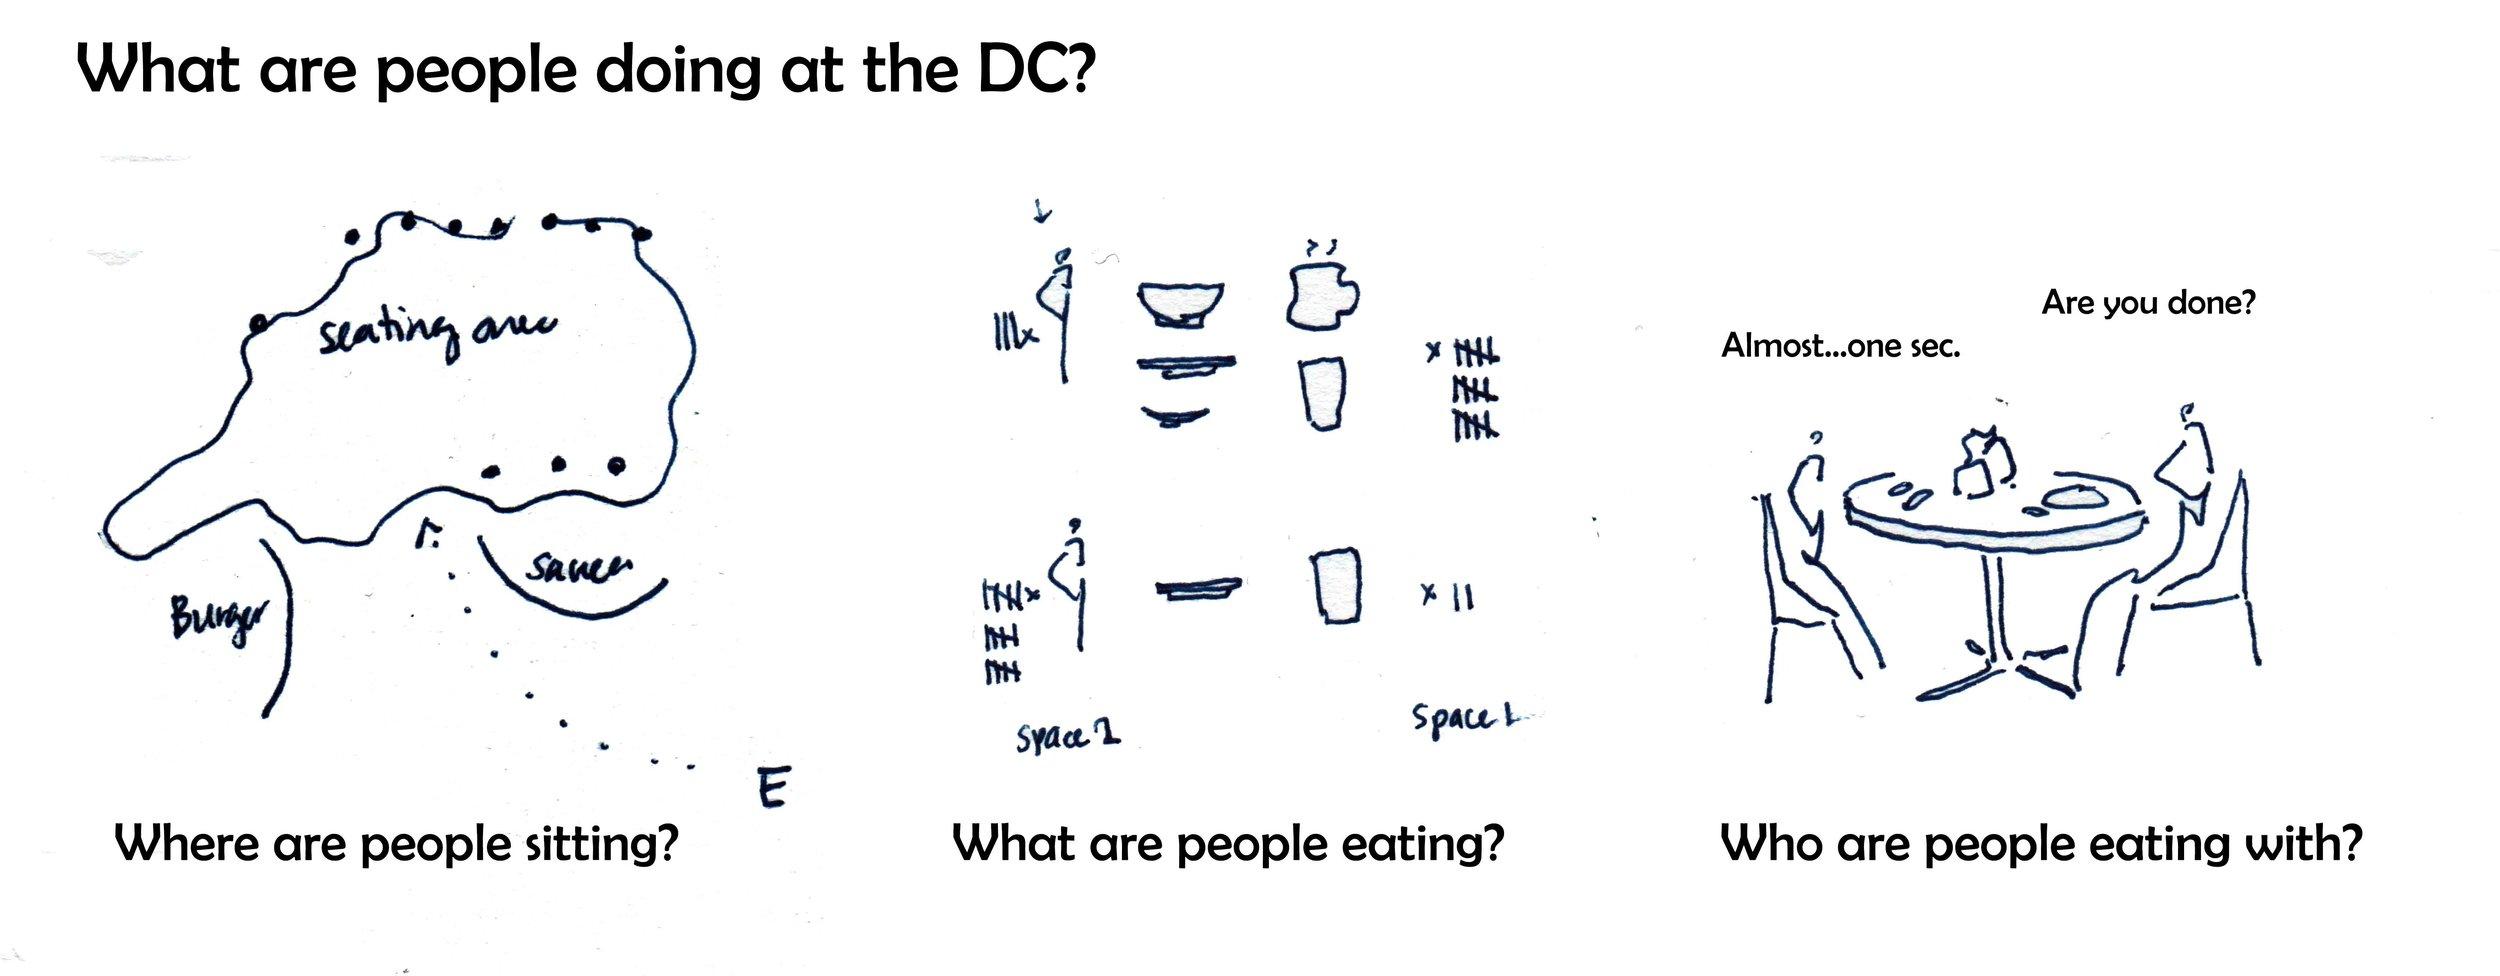 Eating in DC 5.jpg